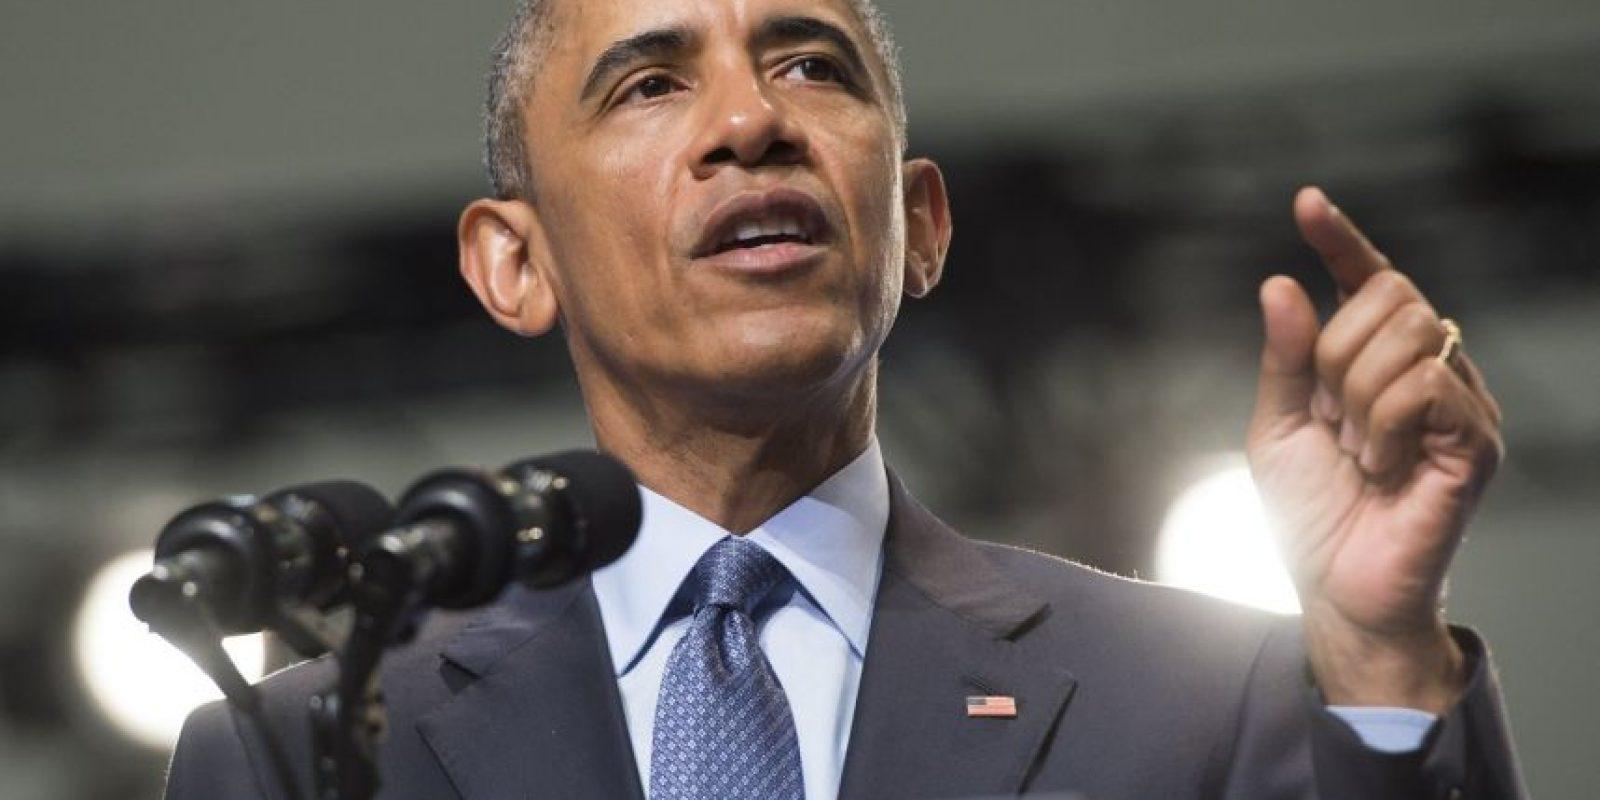 El presidente estadounidense Barack Obama, dio un discurso en la Convención Nacional 116a de los Veteranos de Guerras Extranjeras. Foto:AFP